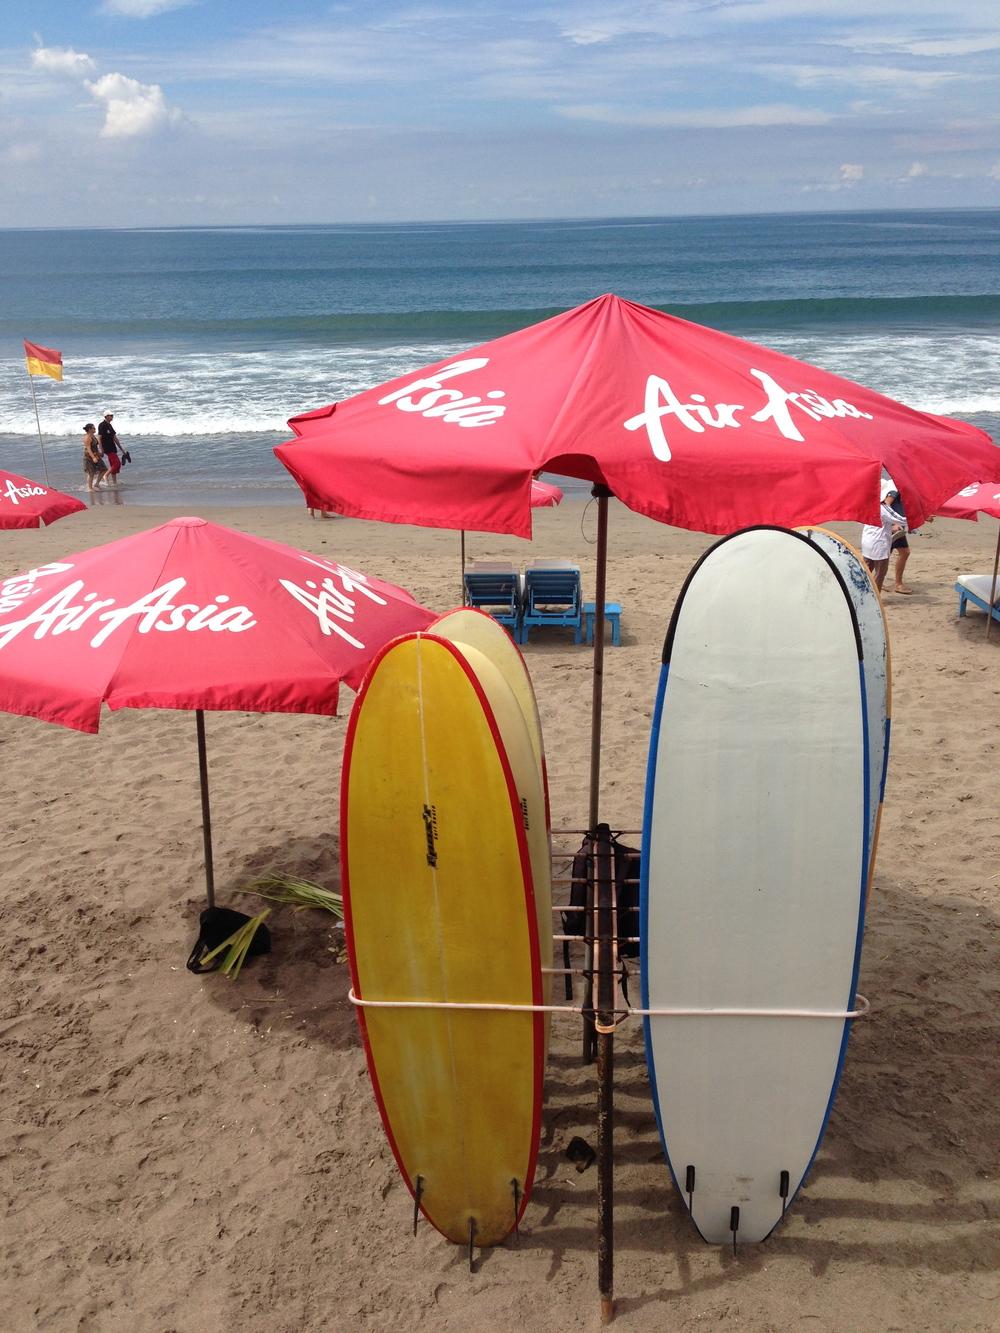 Ku De Ta beach